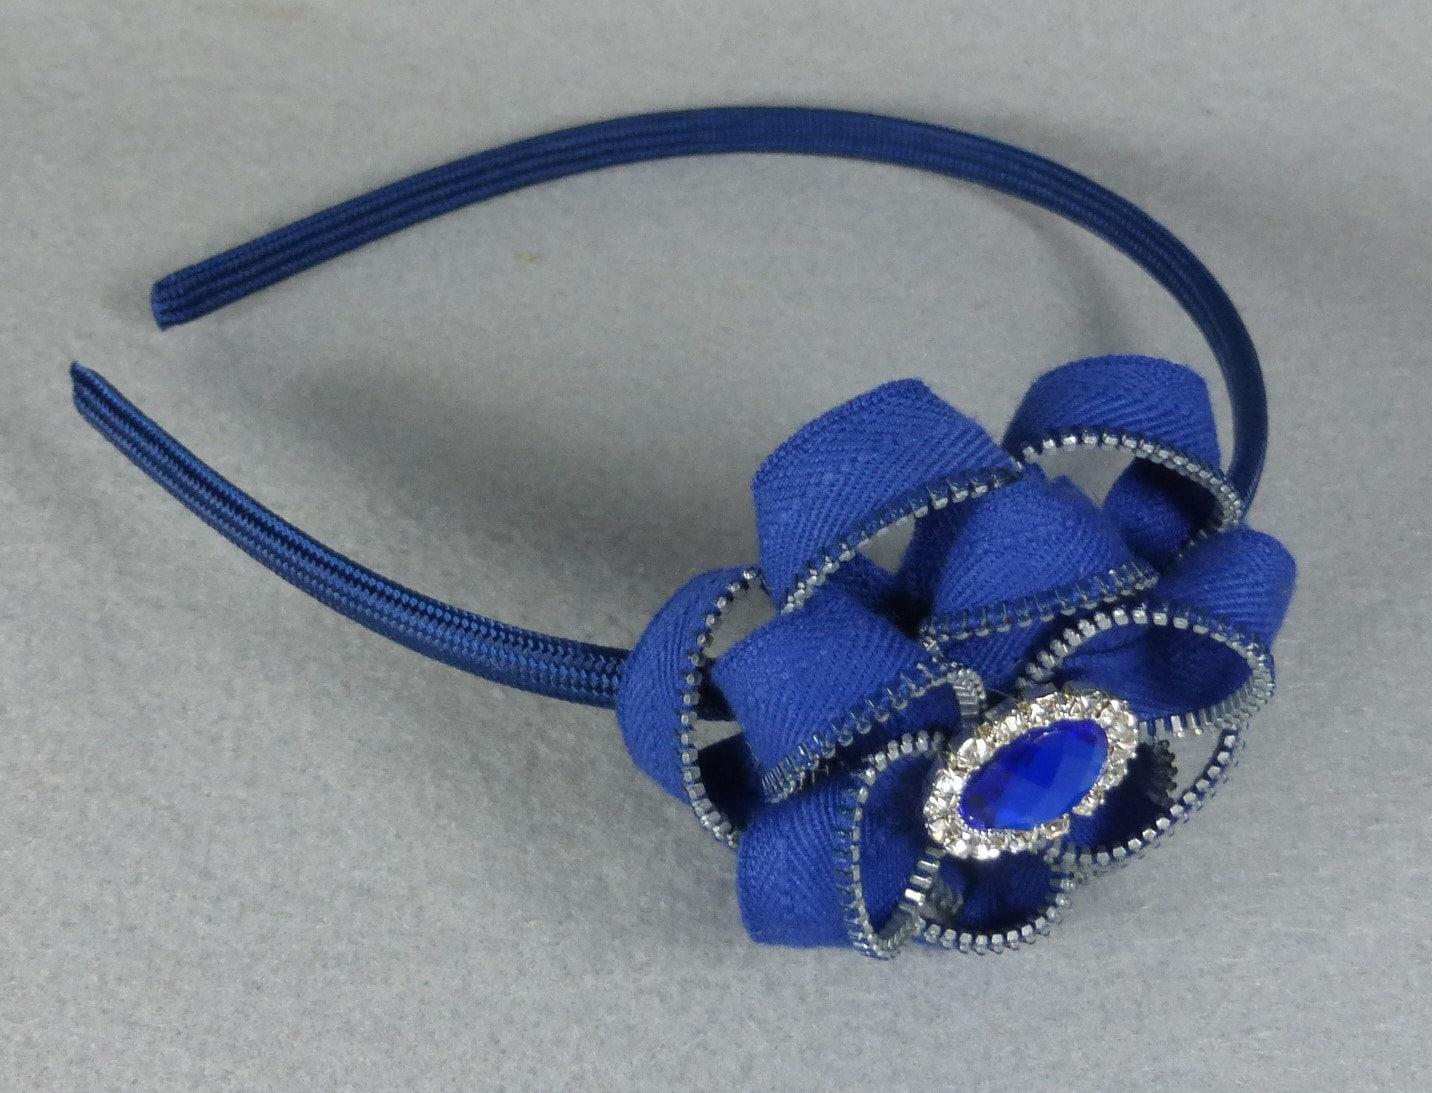 Blue Flower Headband Zipper Flower Zipper Headband Upcycled